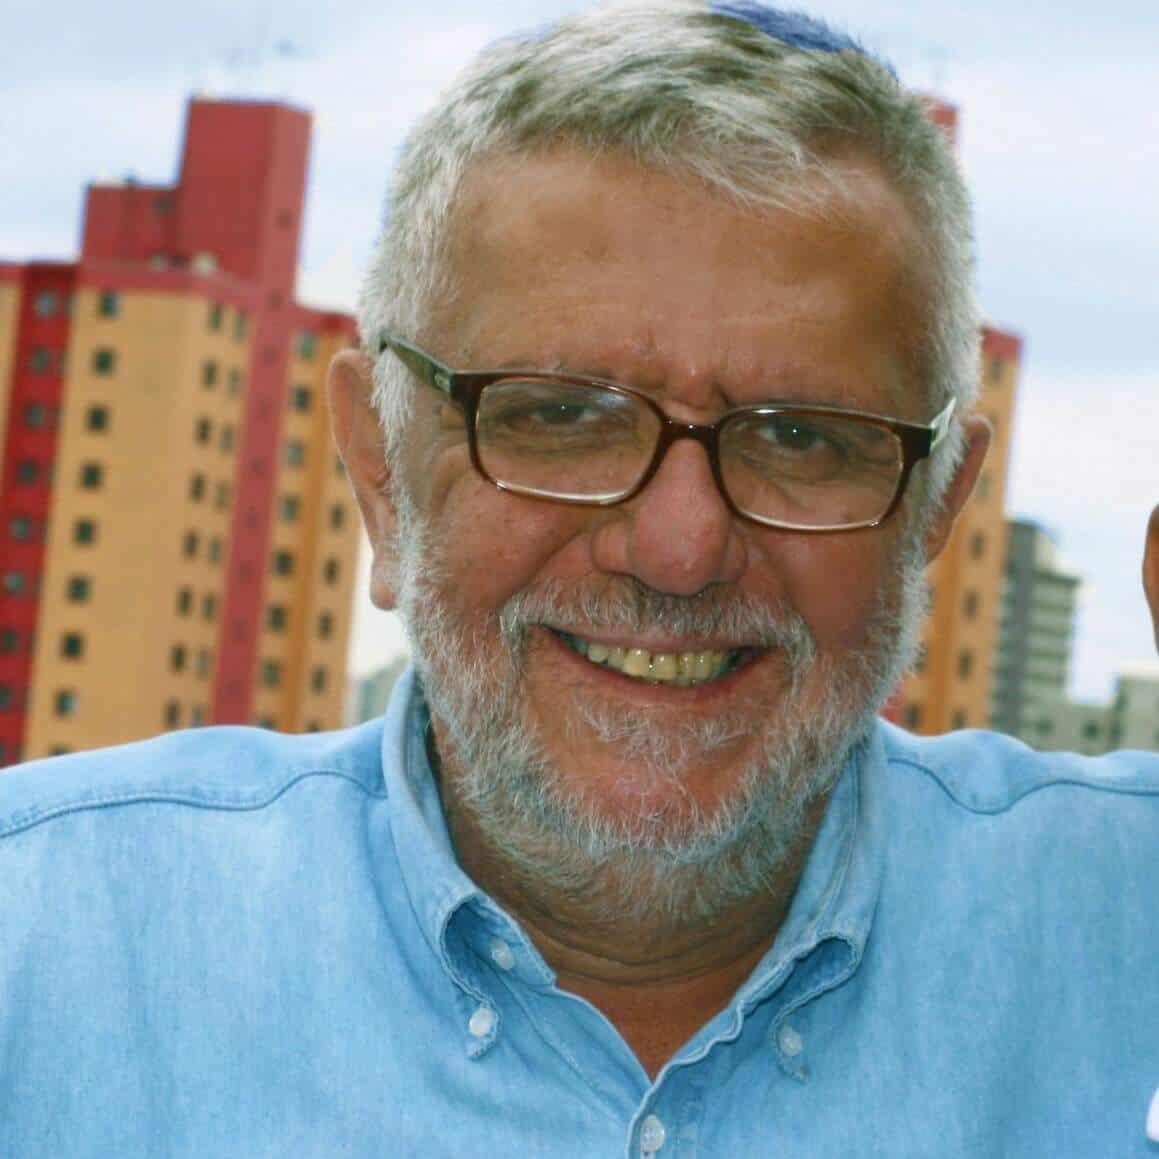 José Ricci